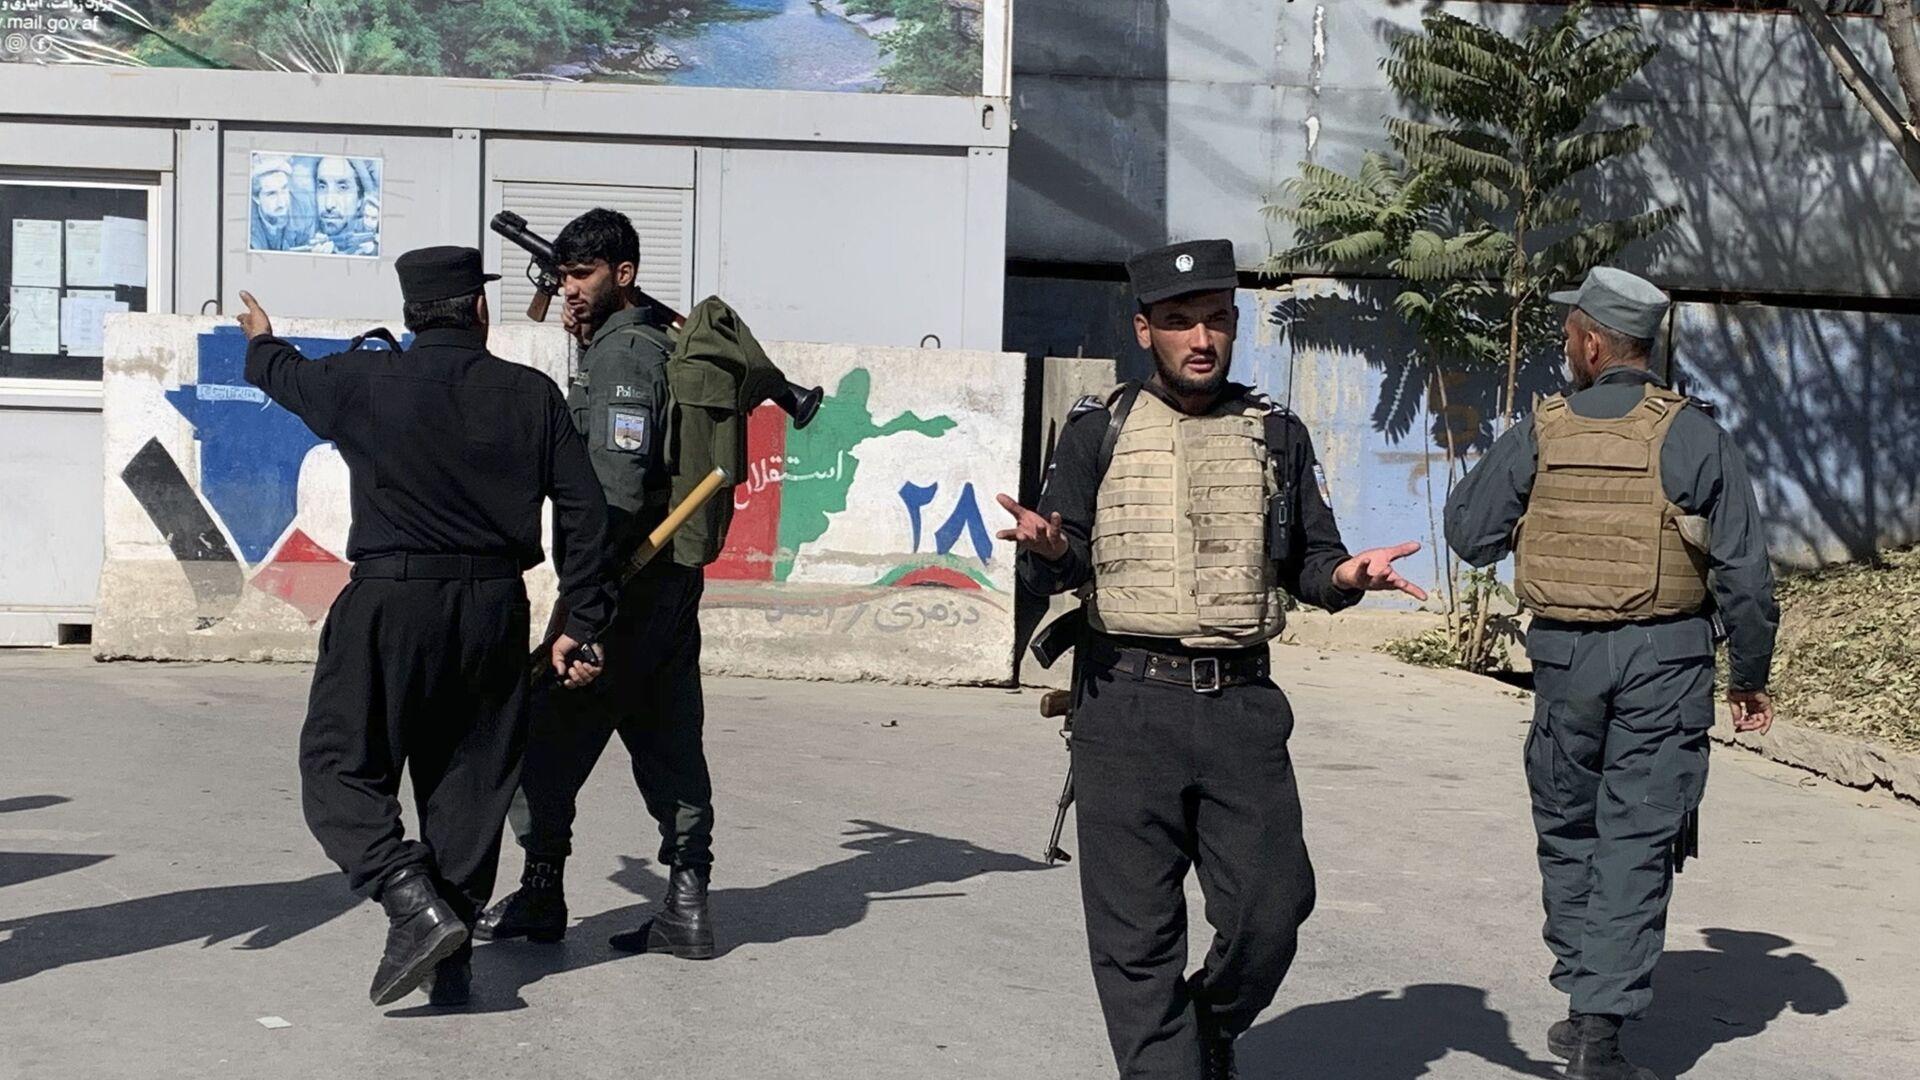 Безбедносне снаге испред универзитета у Кабулу, где је у нападу убијено 19 људи - Sputnik Србија, 1920, 16.08.2021